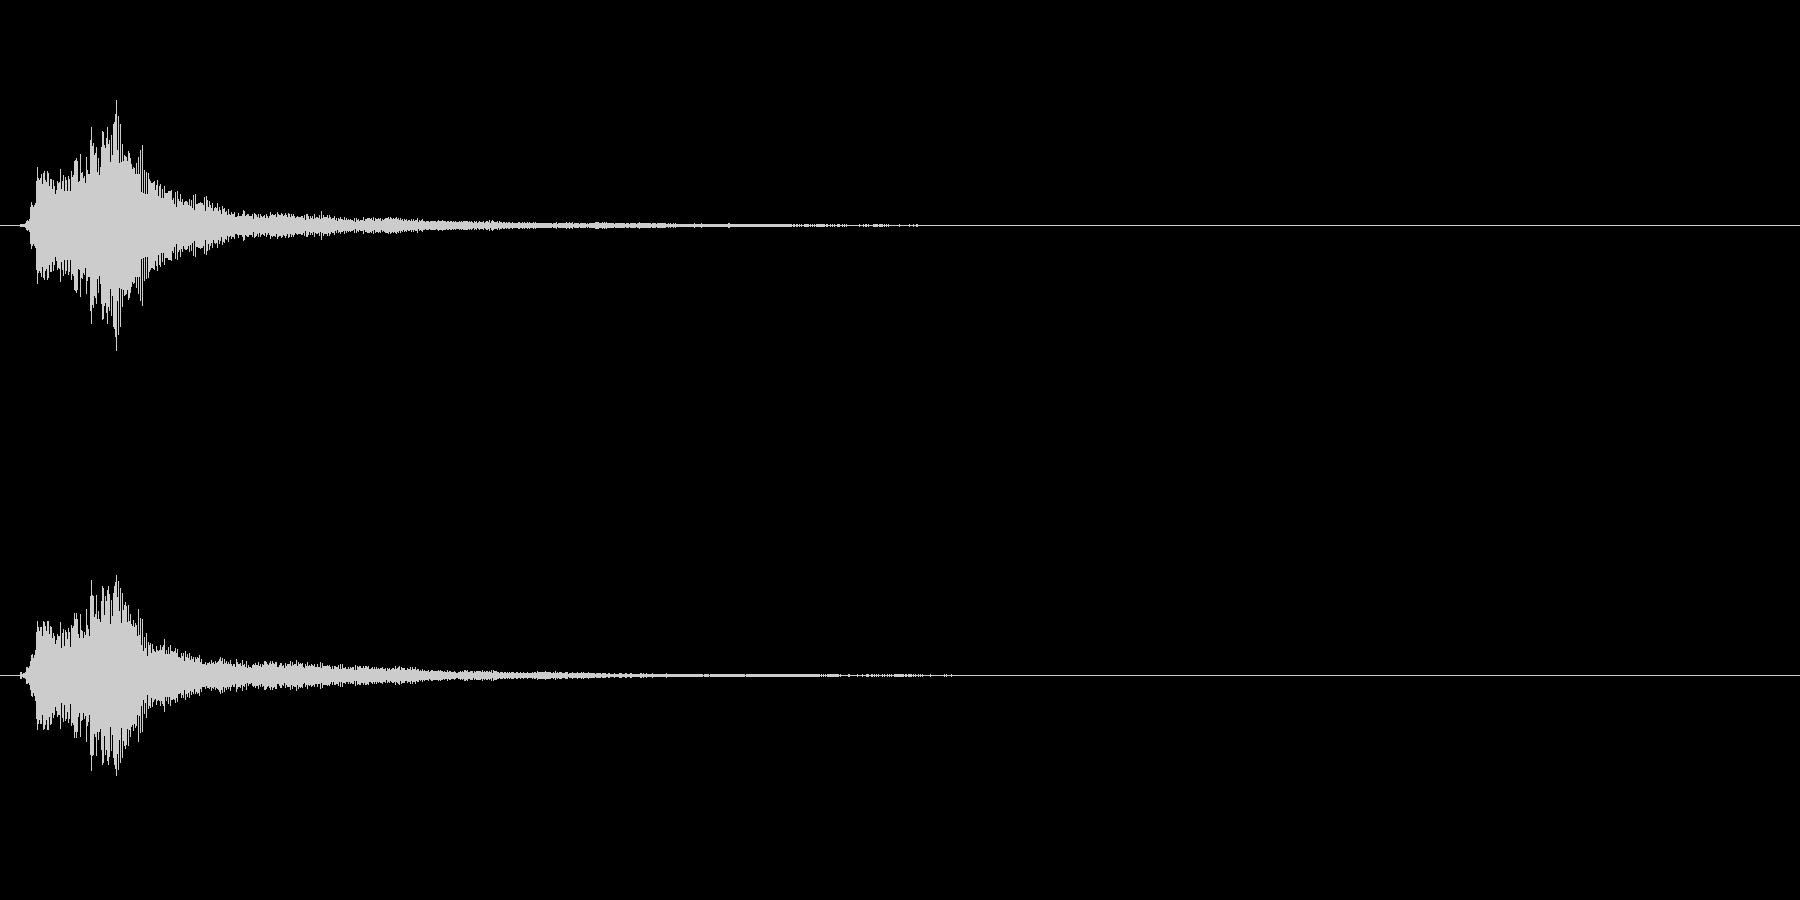 キラキラ系_014の未再生の波形